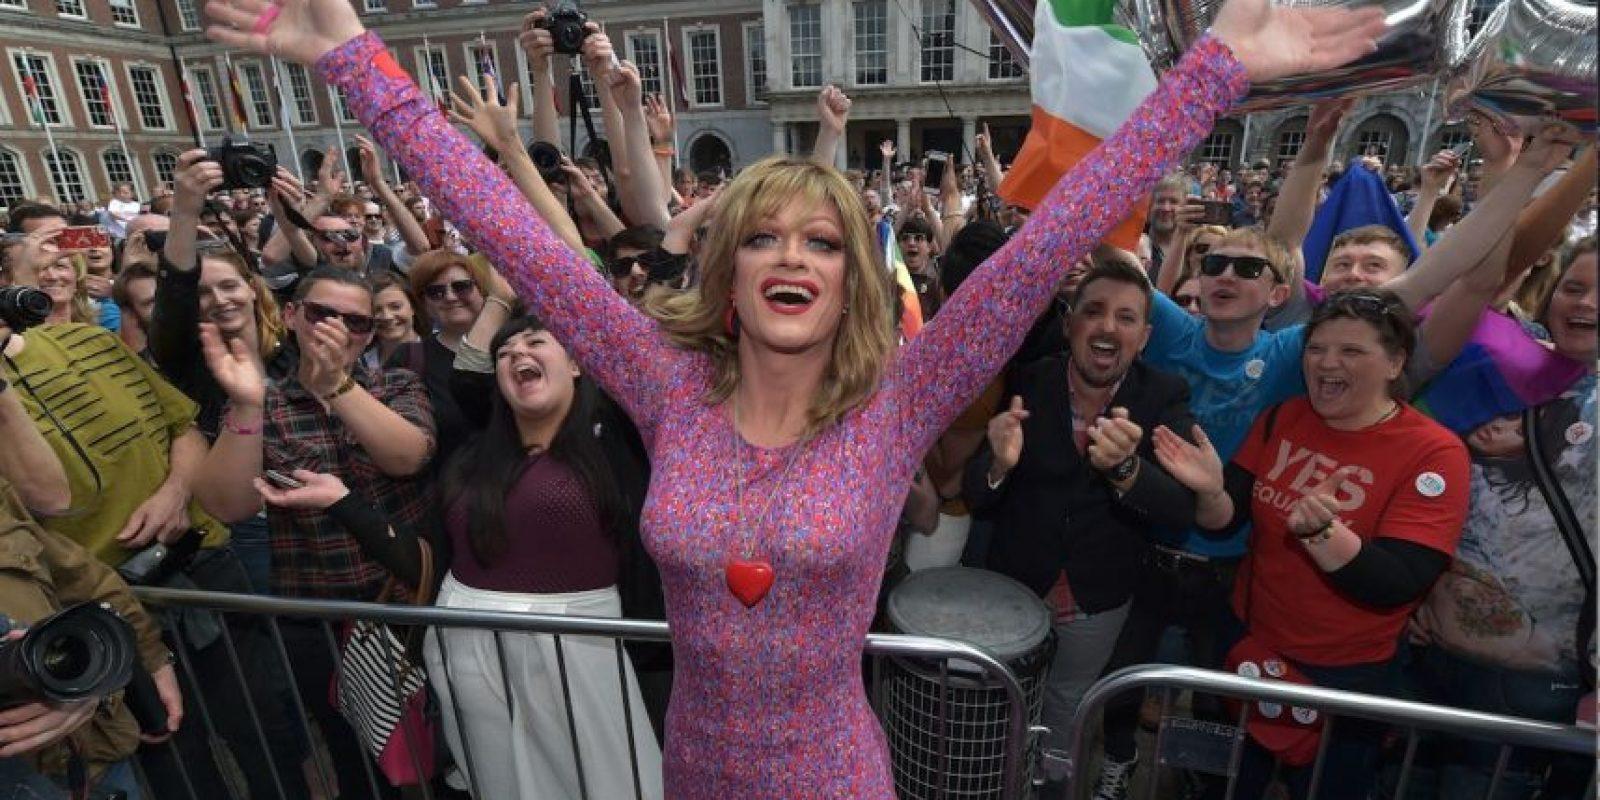 Desde el 18 de mayo de 2013, los matrimonios entre personas del mismo sexo son legales en este país. La iniciativa fue aprobada por la Asamblea Nacional y promulgada por el presidente Francois Hollande. Foto:Getty Images